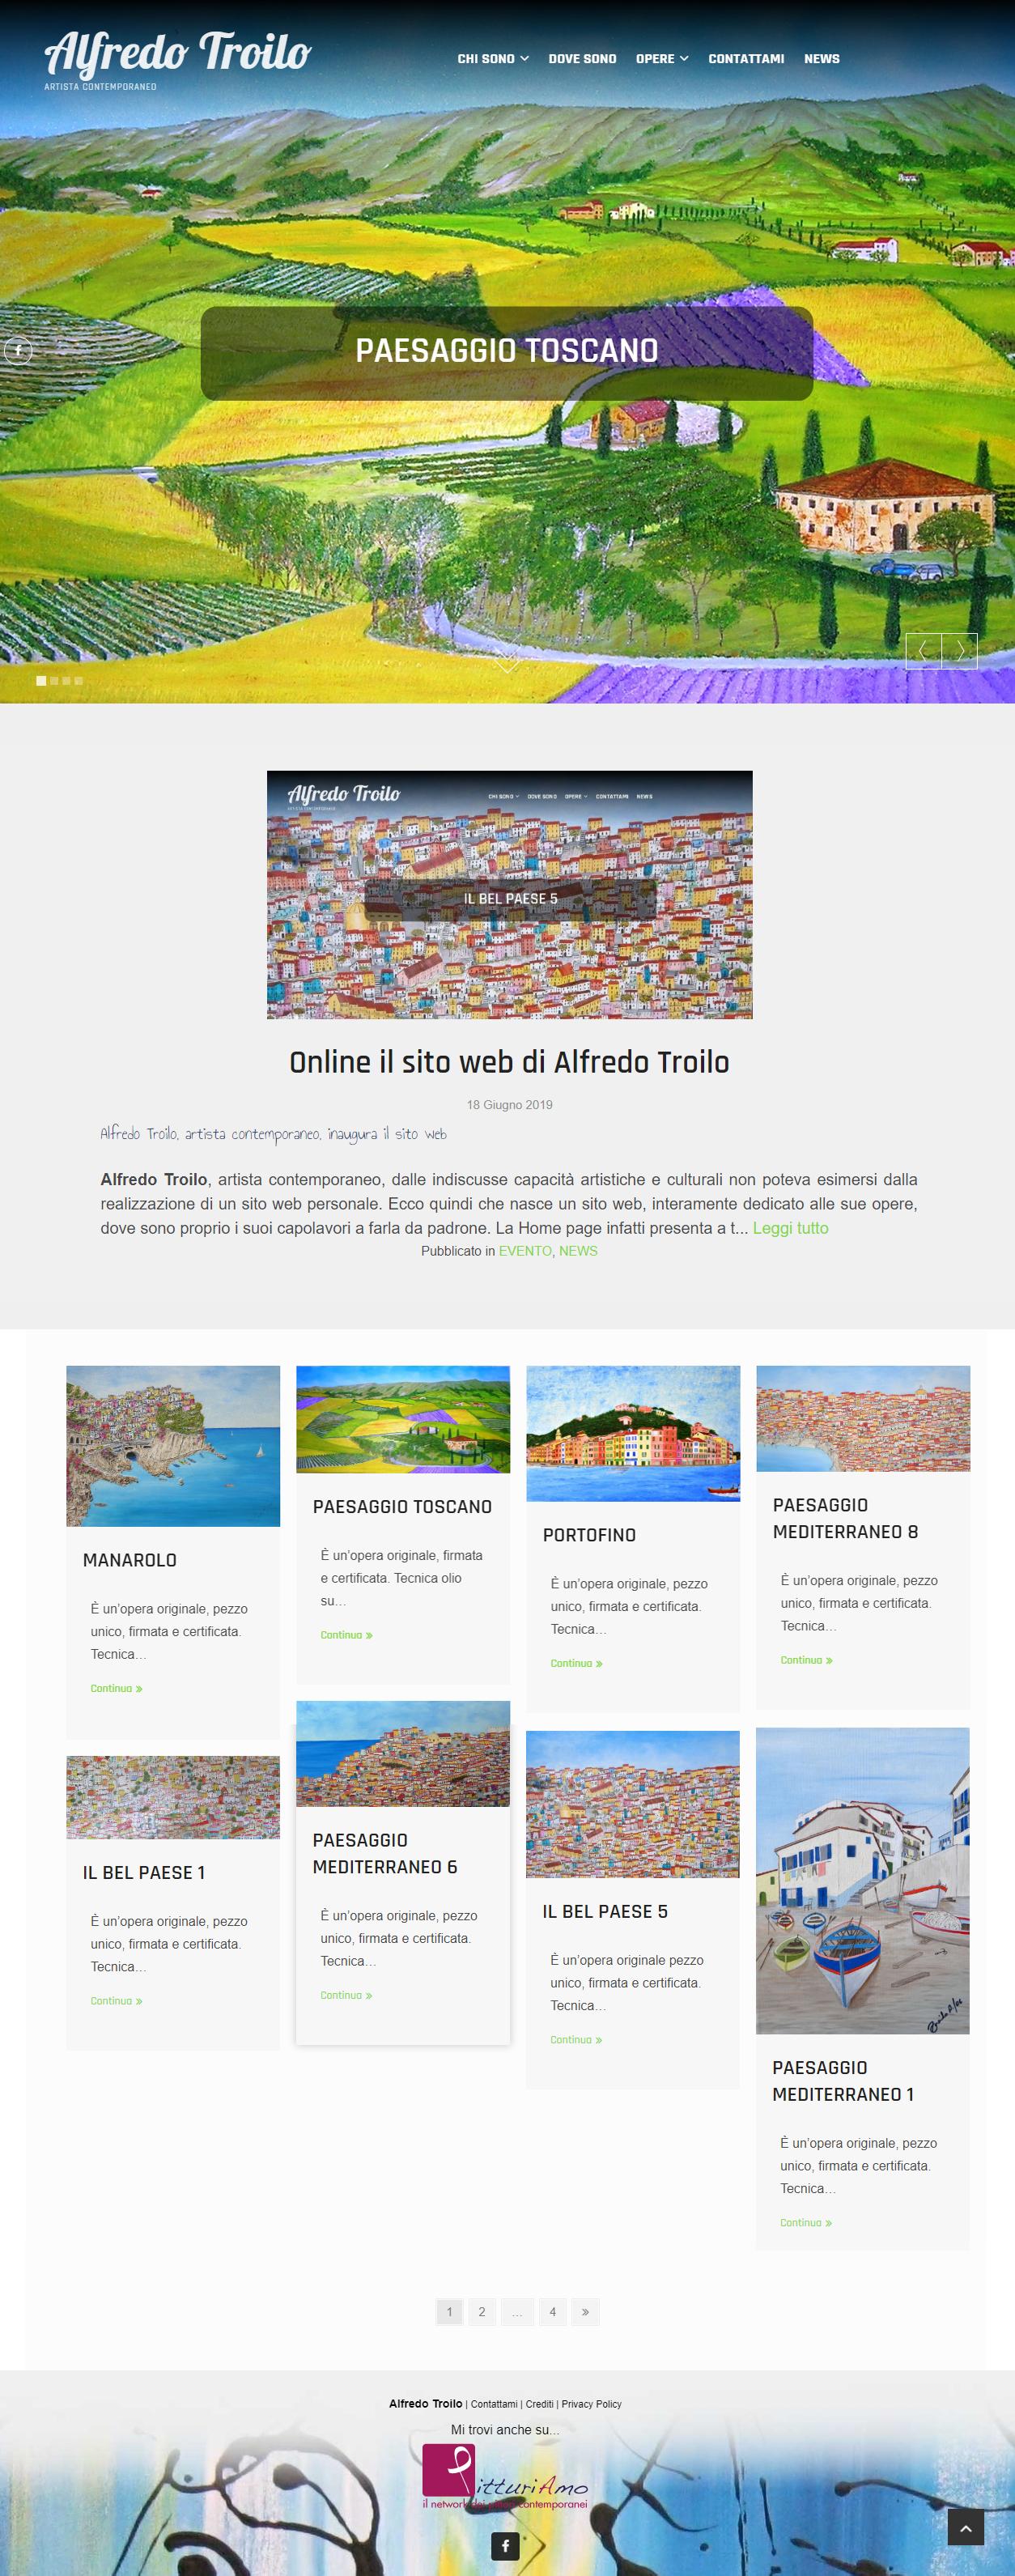 Il sito di pittura di Alfredo Troilo - Artista emergente italiano